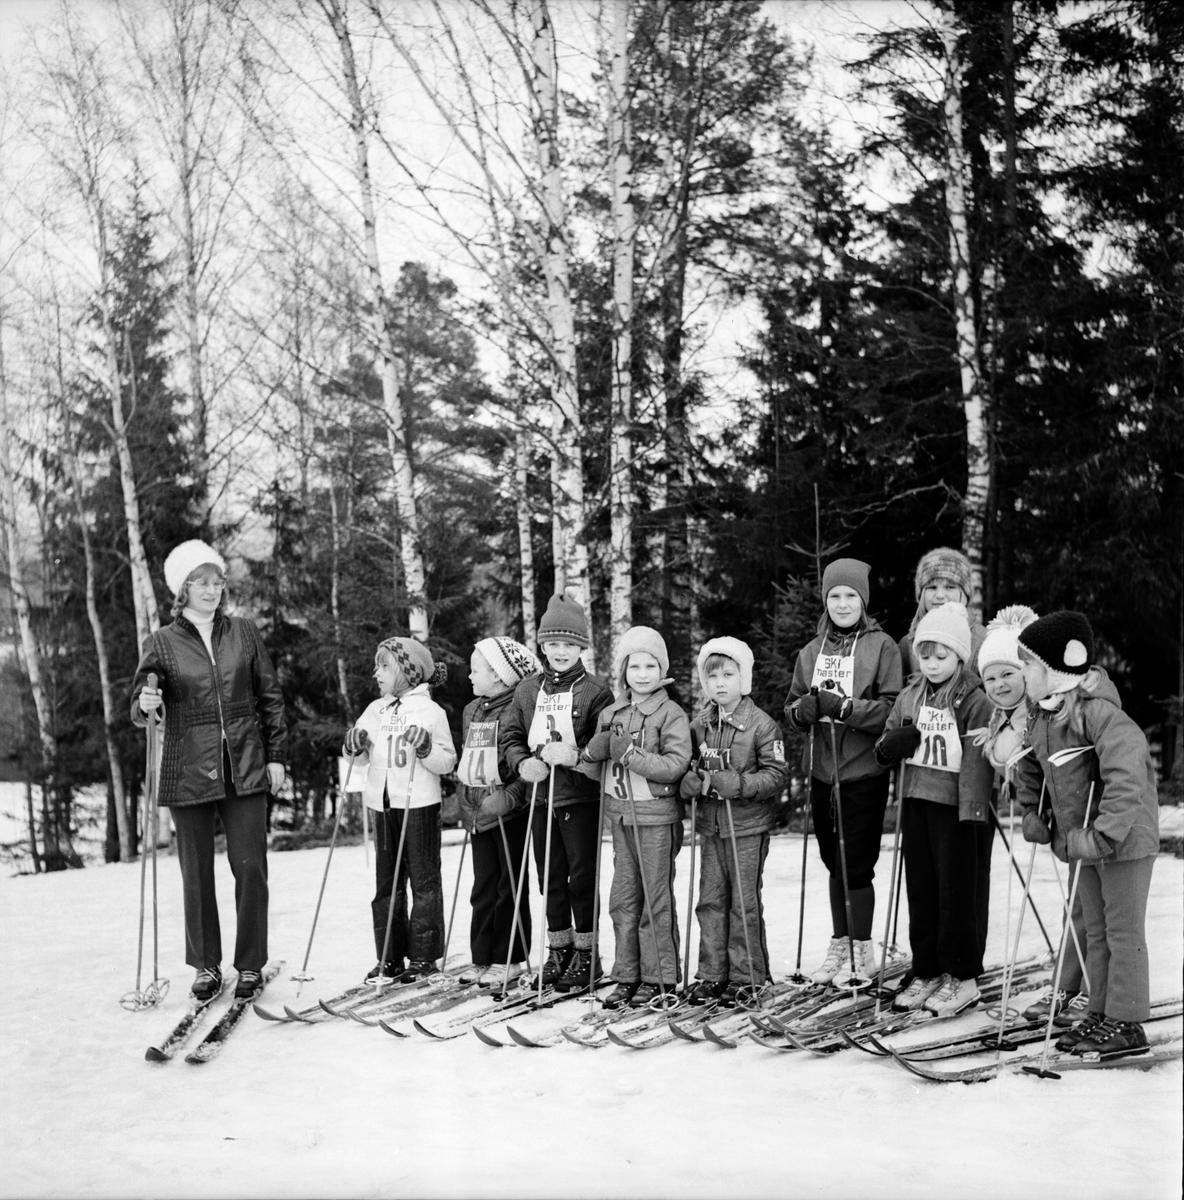 Skidskoleavslutning i Arbrå, Mars 1973